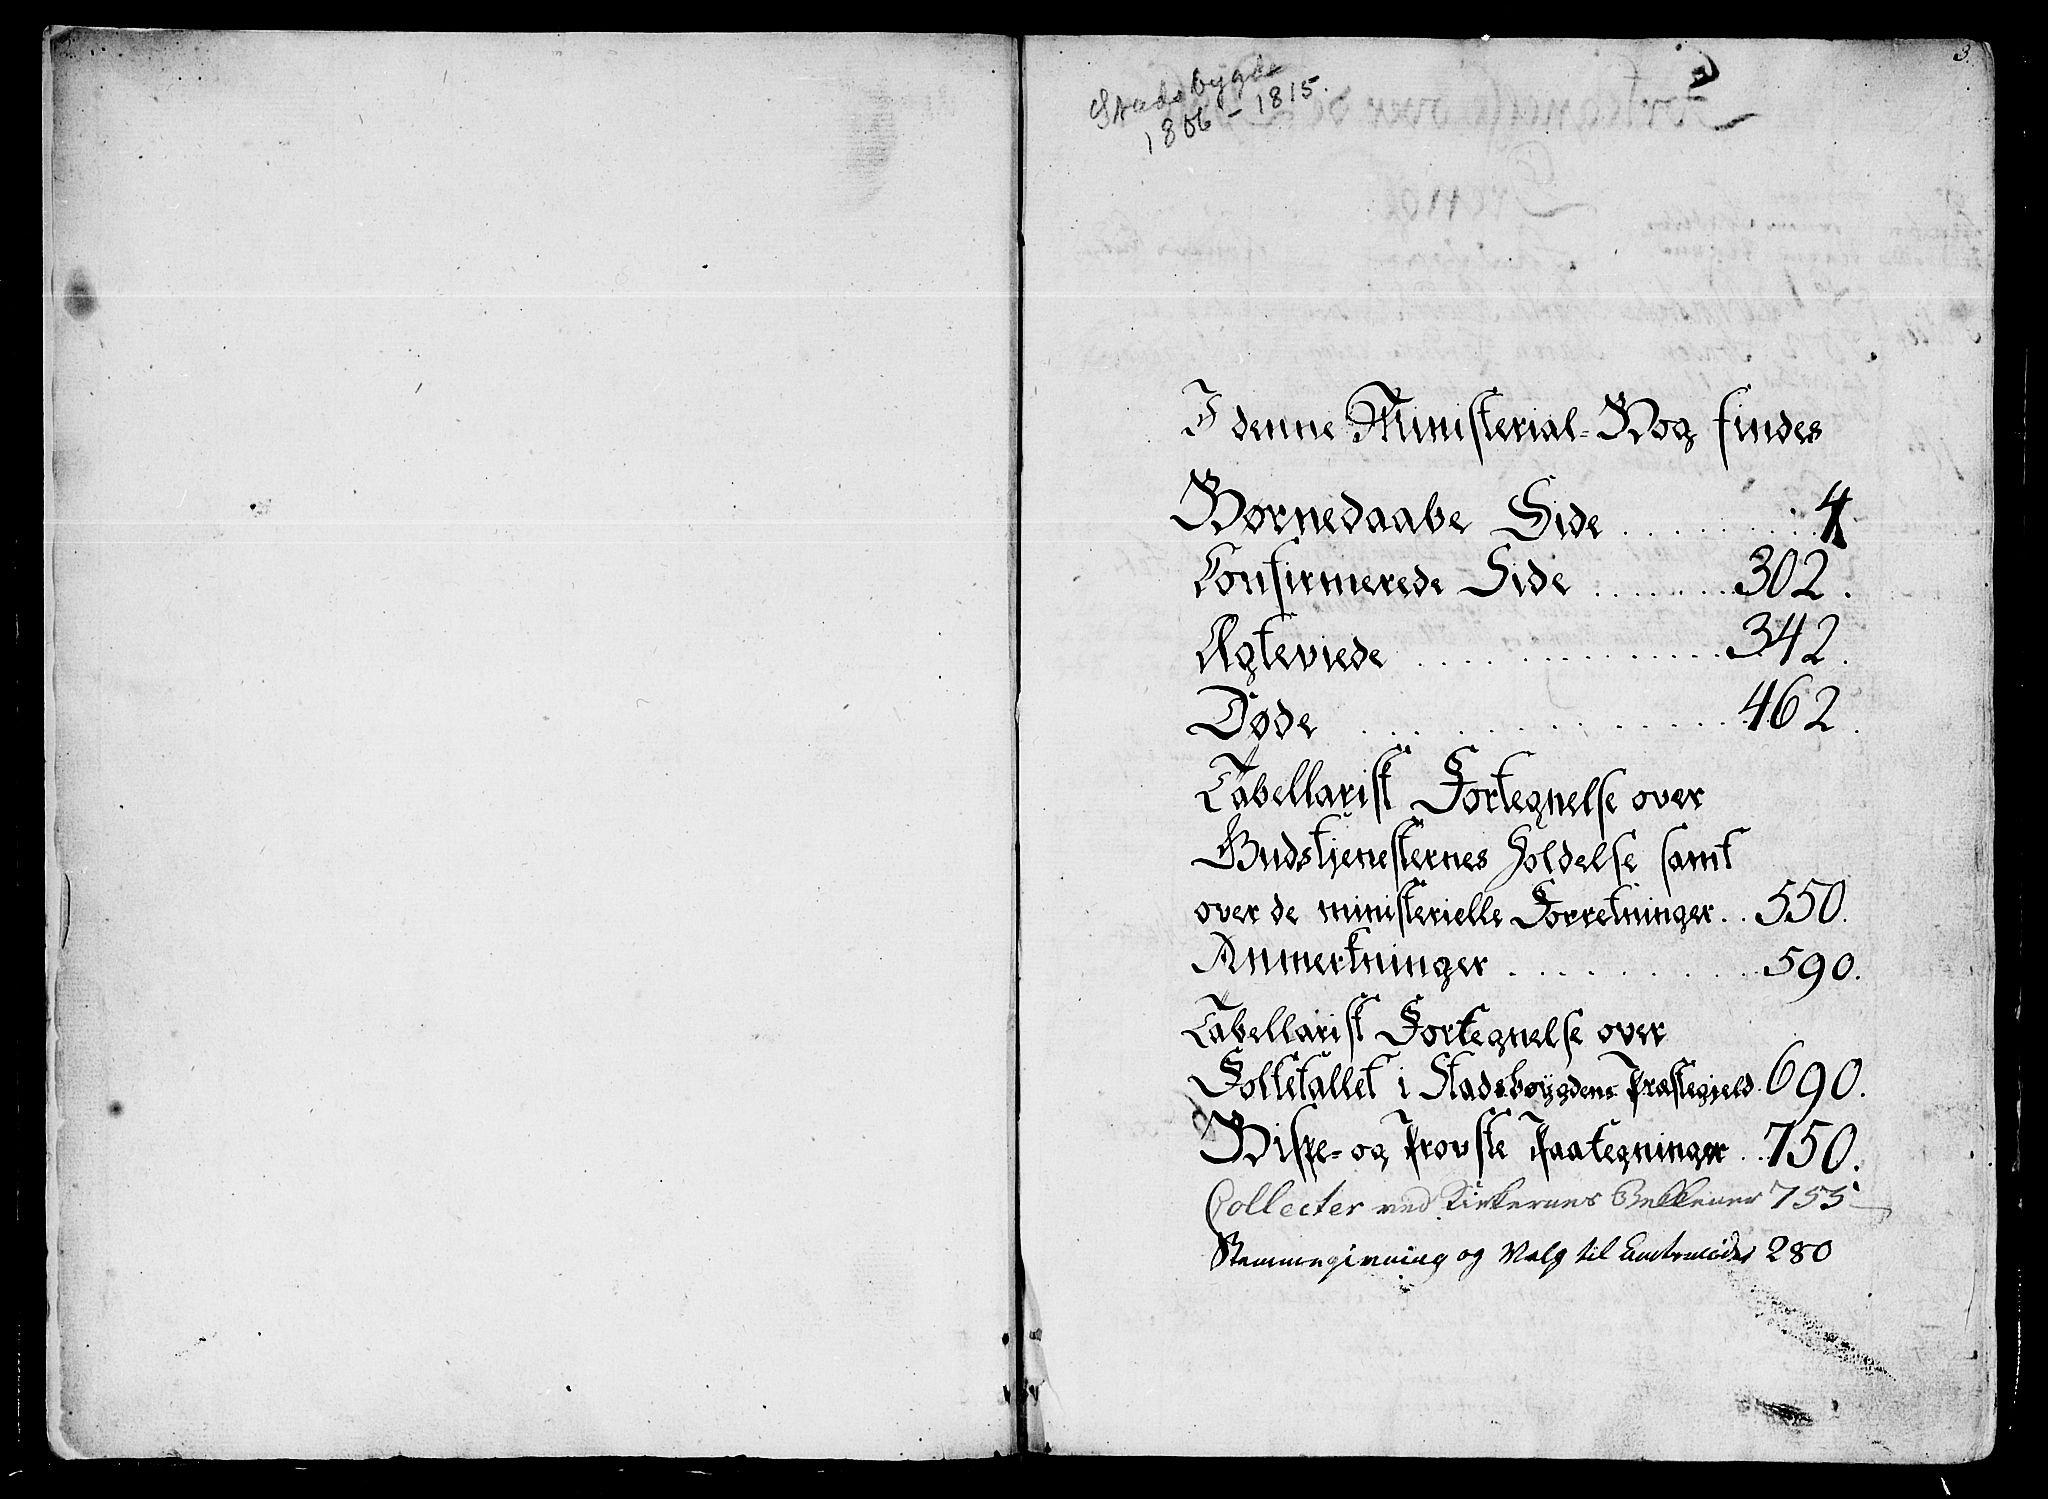 SAT, Ministerialprotokoller, klokkerbøker og fødselsregistre - Sør-Trøndelag, 646/L0607: Ministerialbok nr. 646A05, 1806-1815, s. 2-3